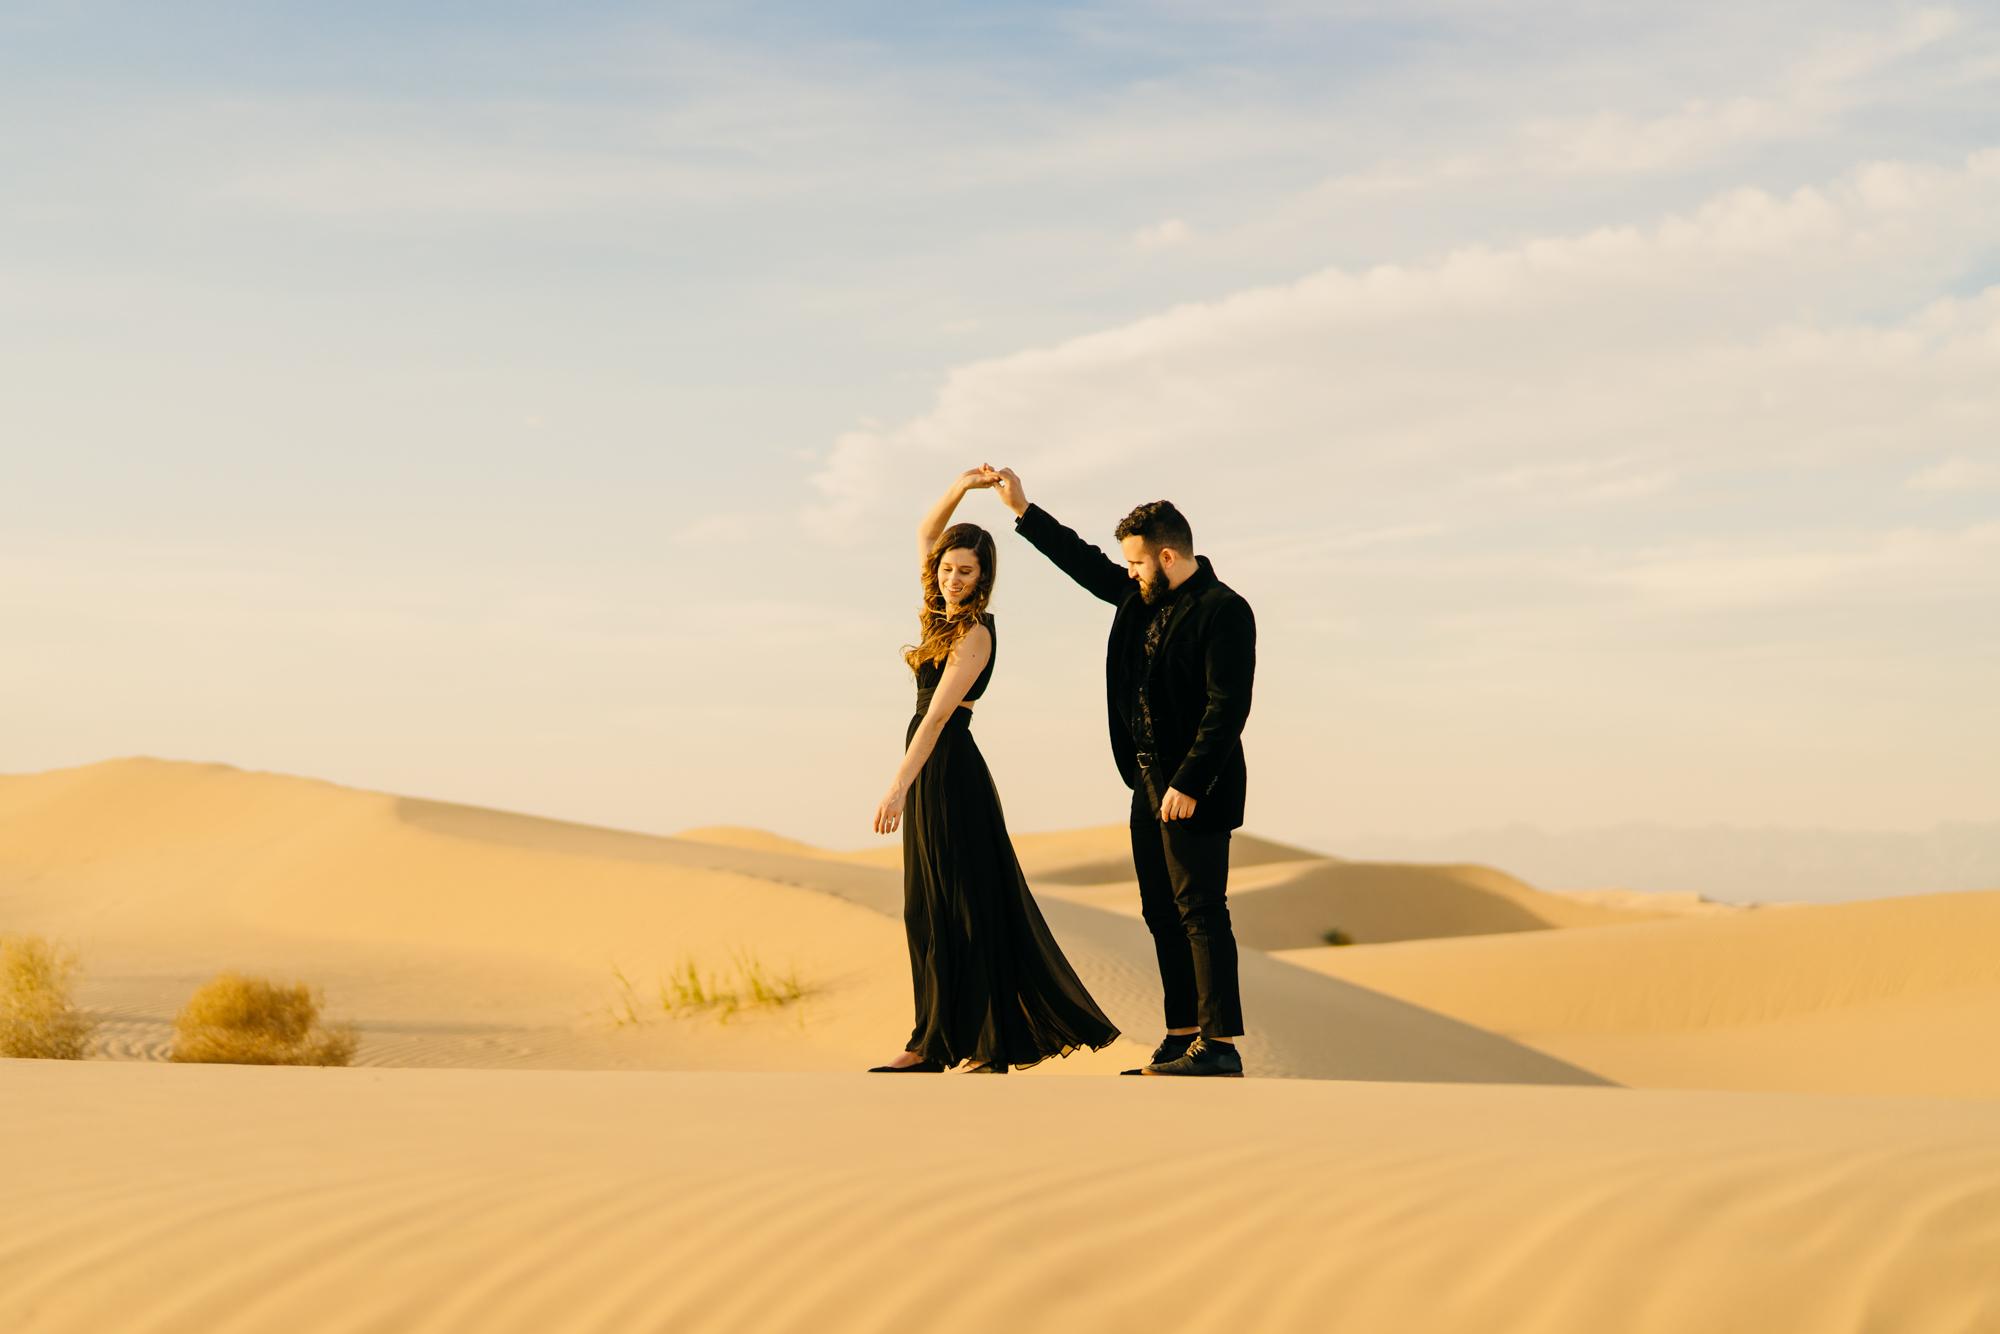 pouya-mack-imperial-sand-dunes-engagement-fine-art-5.jpg